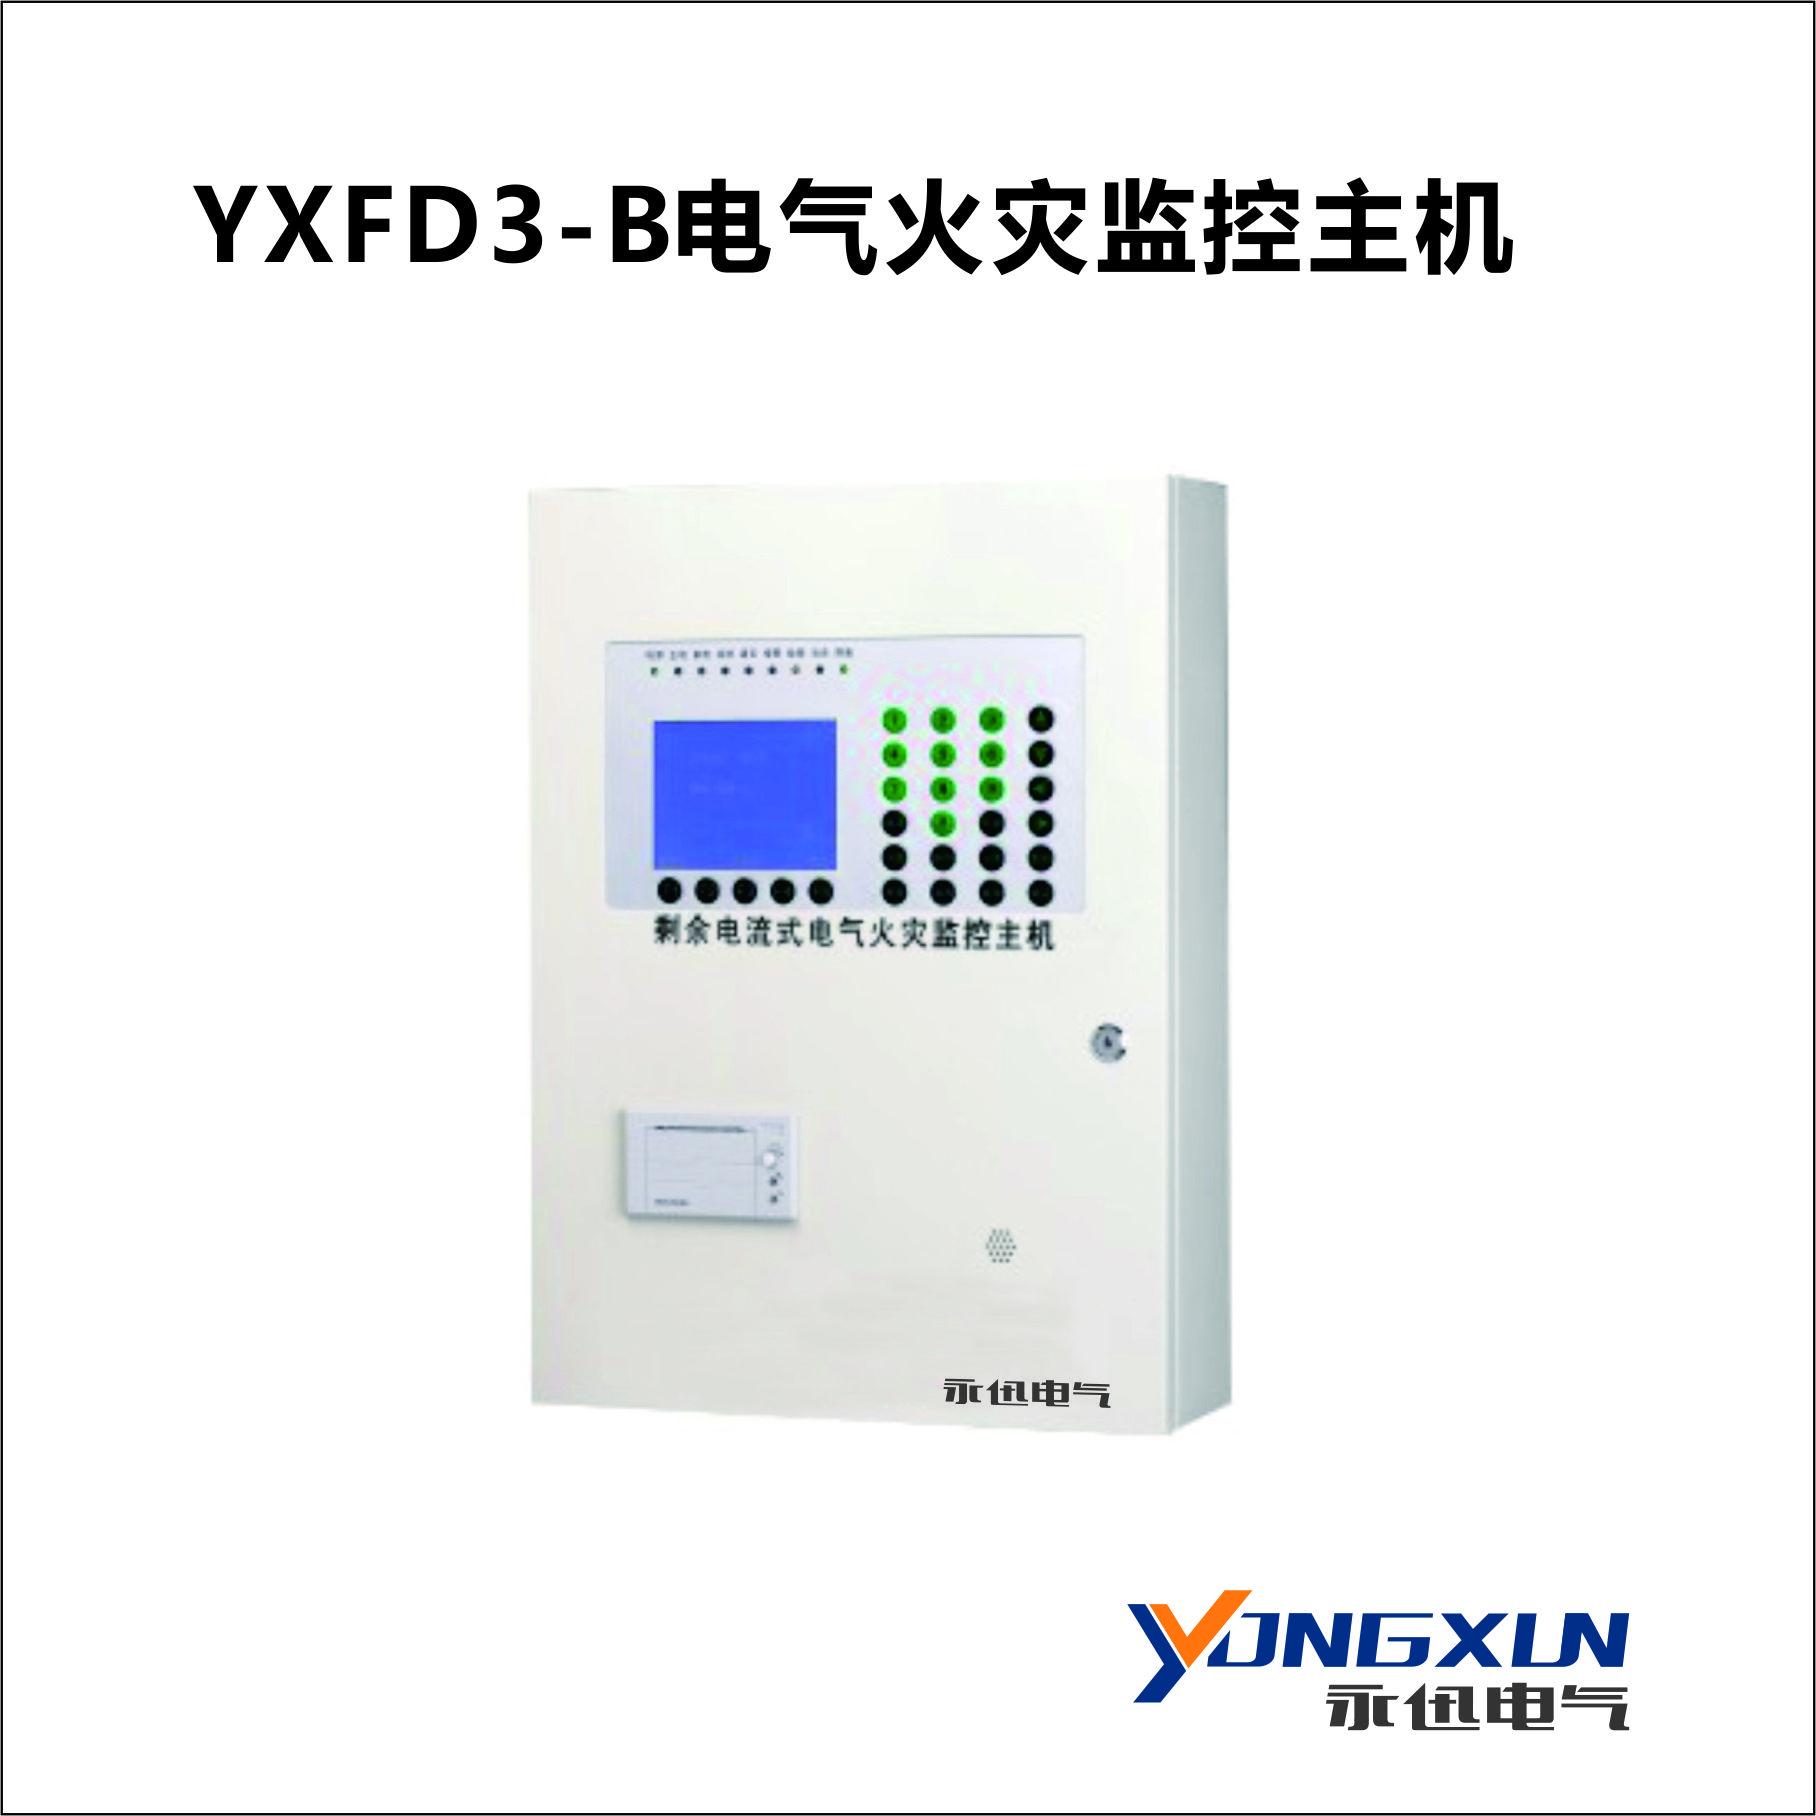 YXFD3-B 电气火灾监控主机